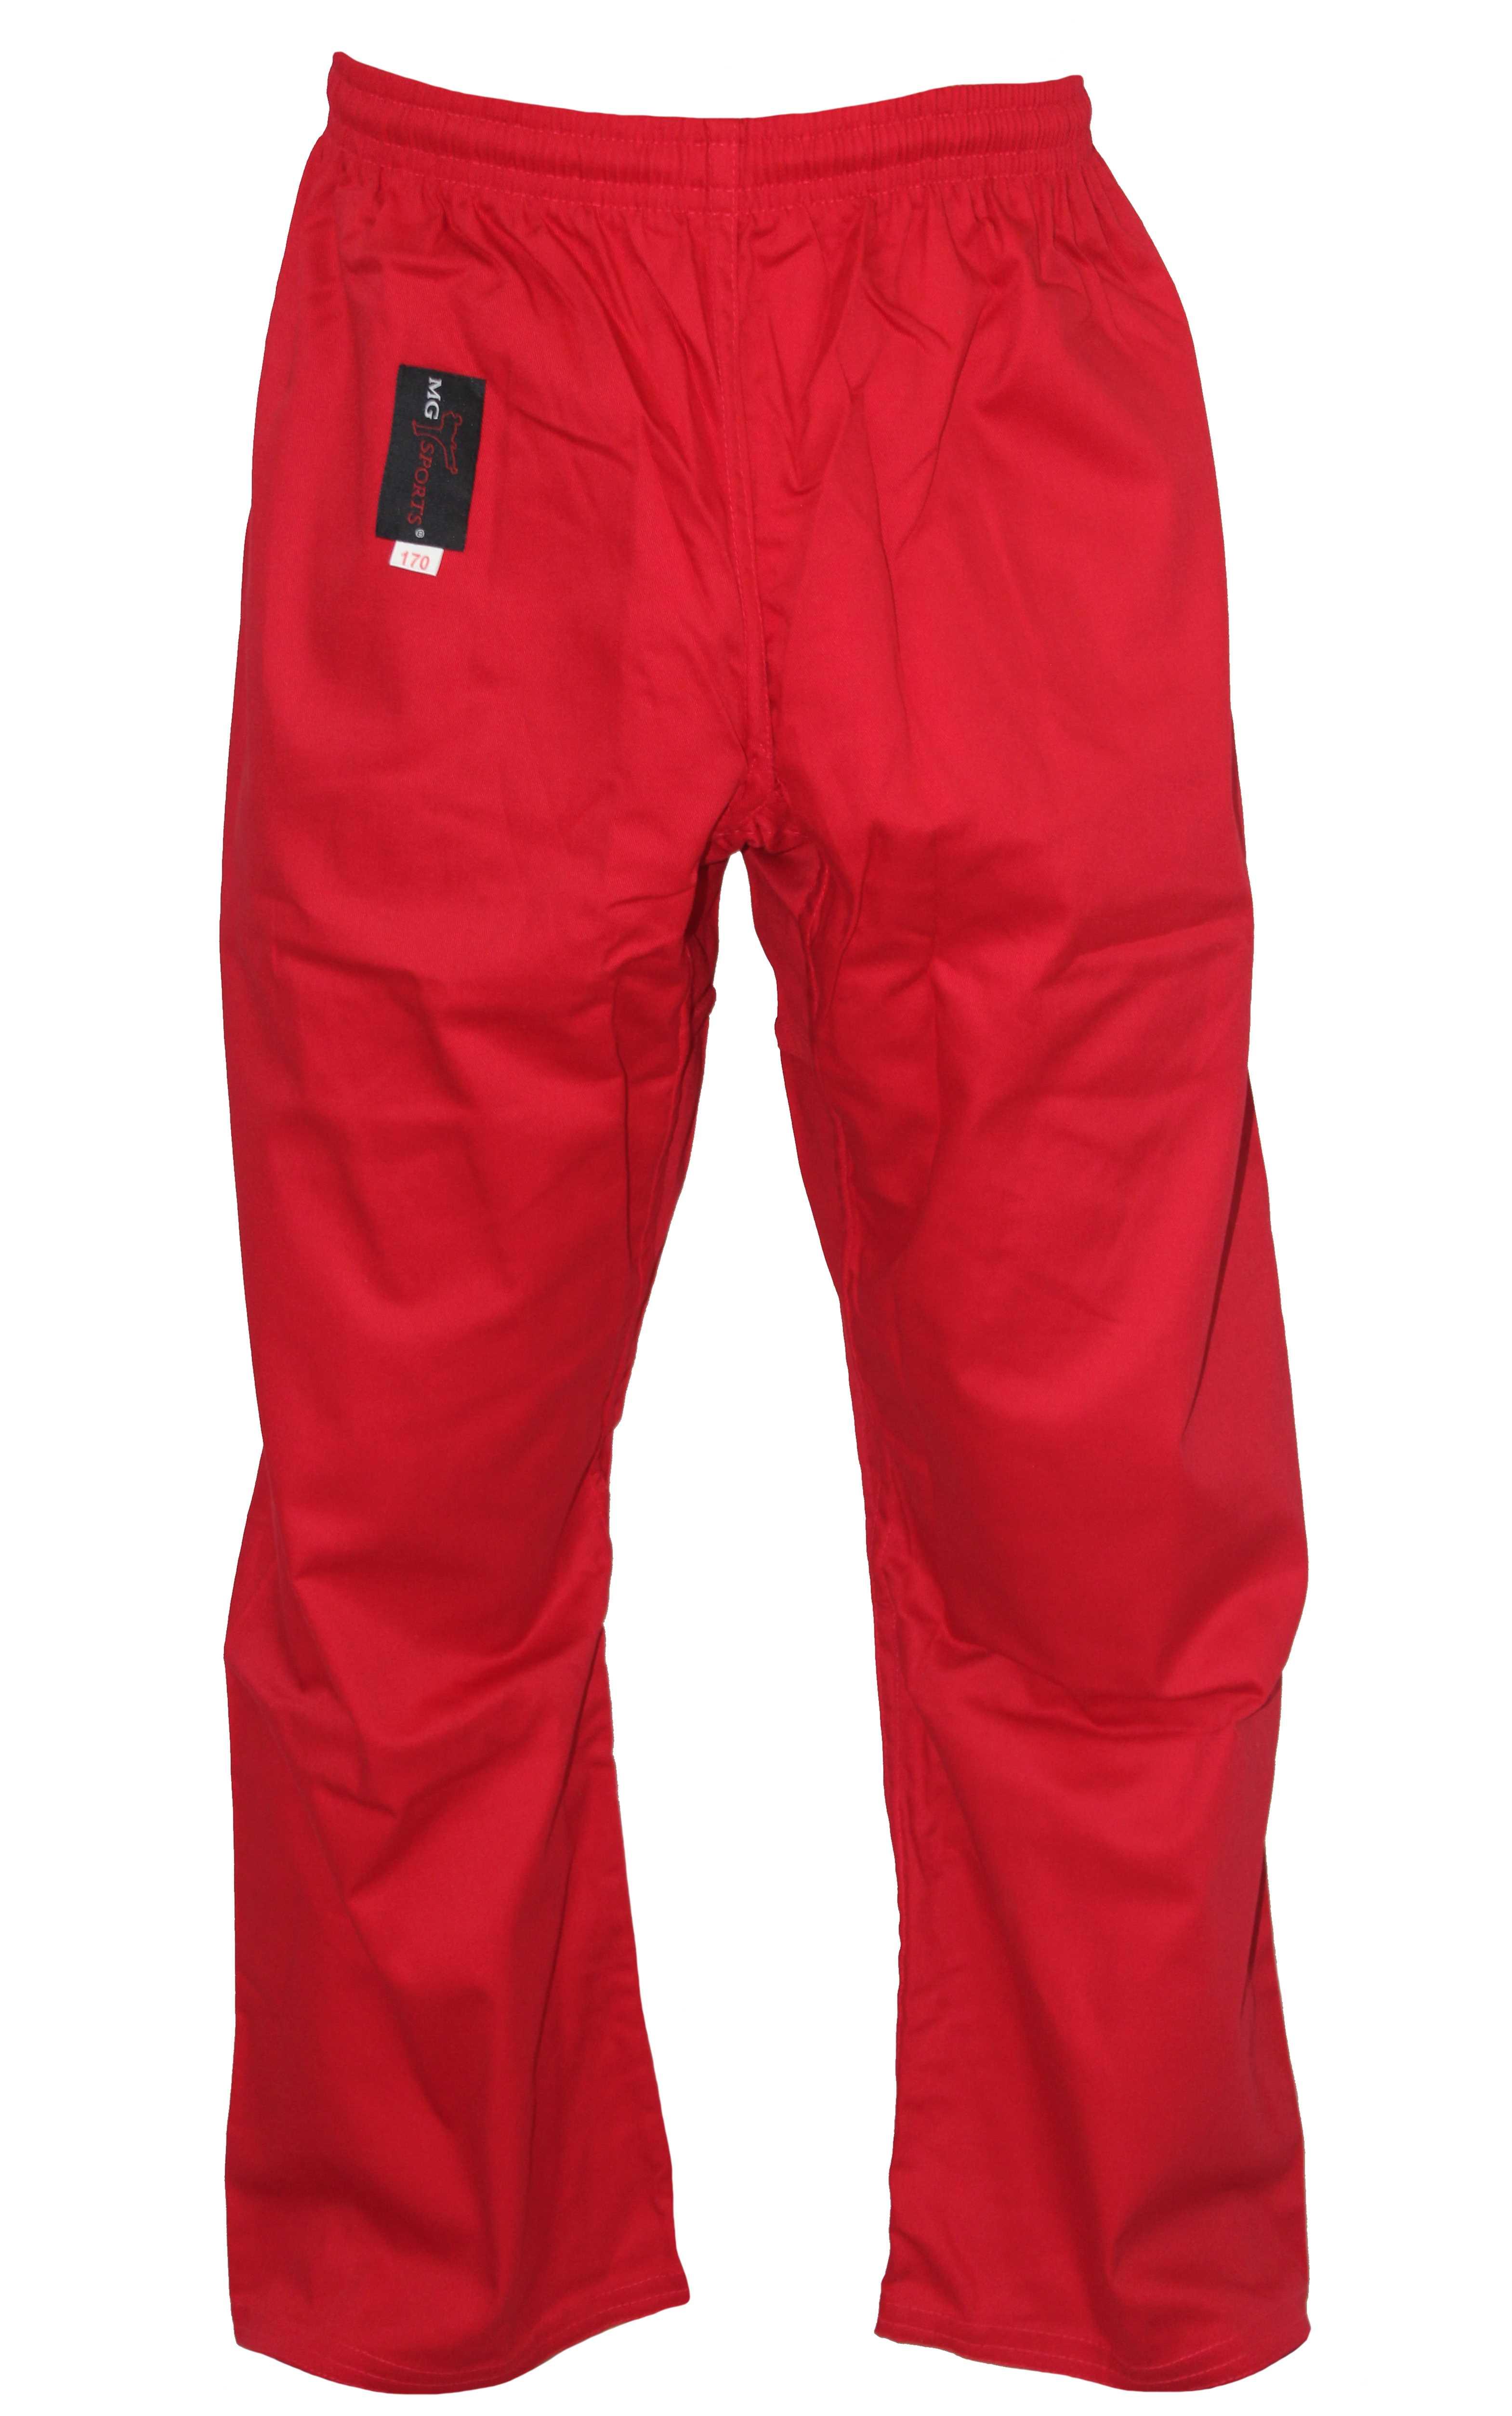 neueste professioneller Verkauf Großhandelsverkauf Taekwondo Hose rot Mischgewebe